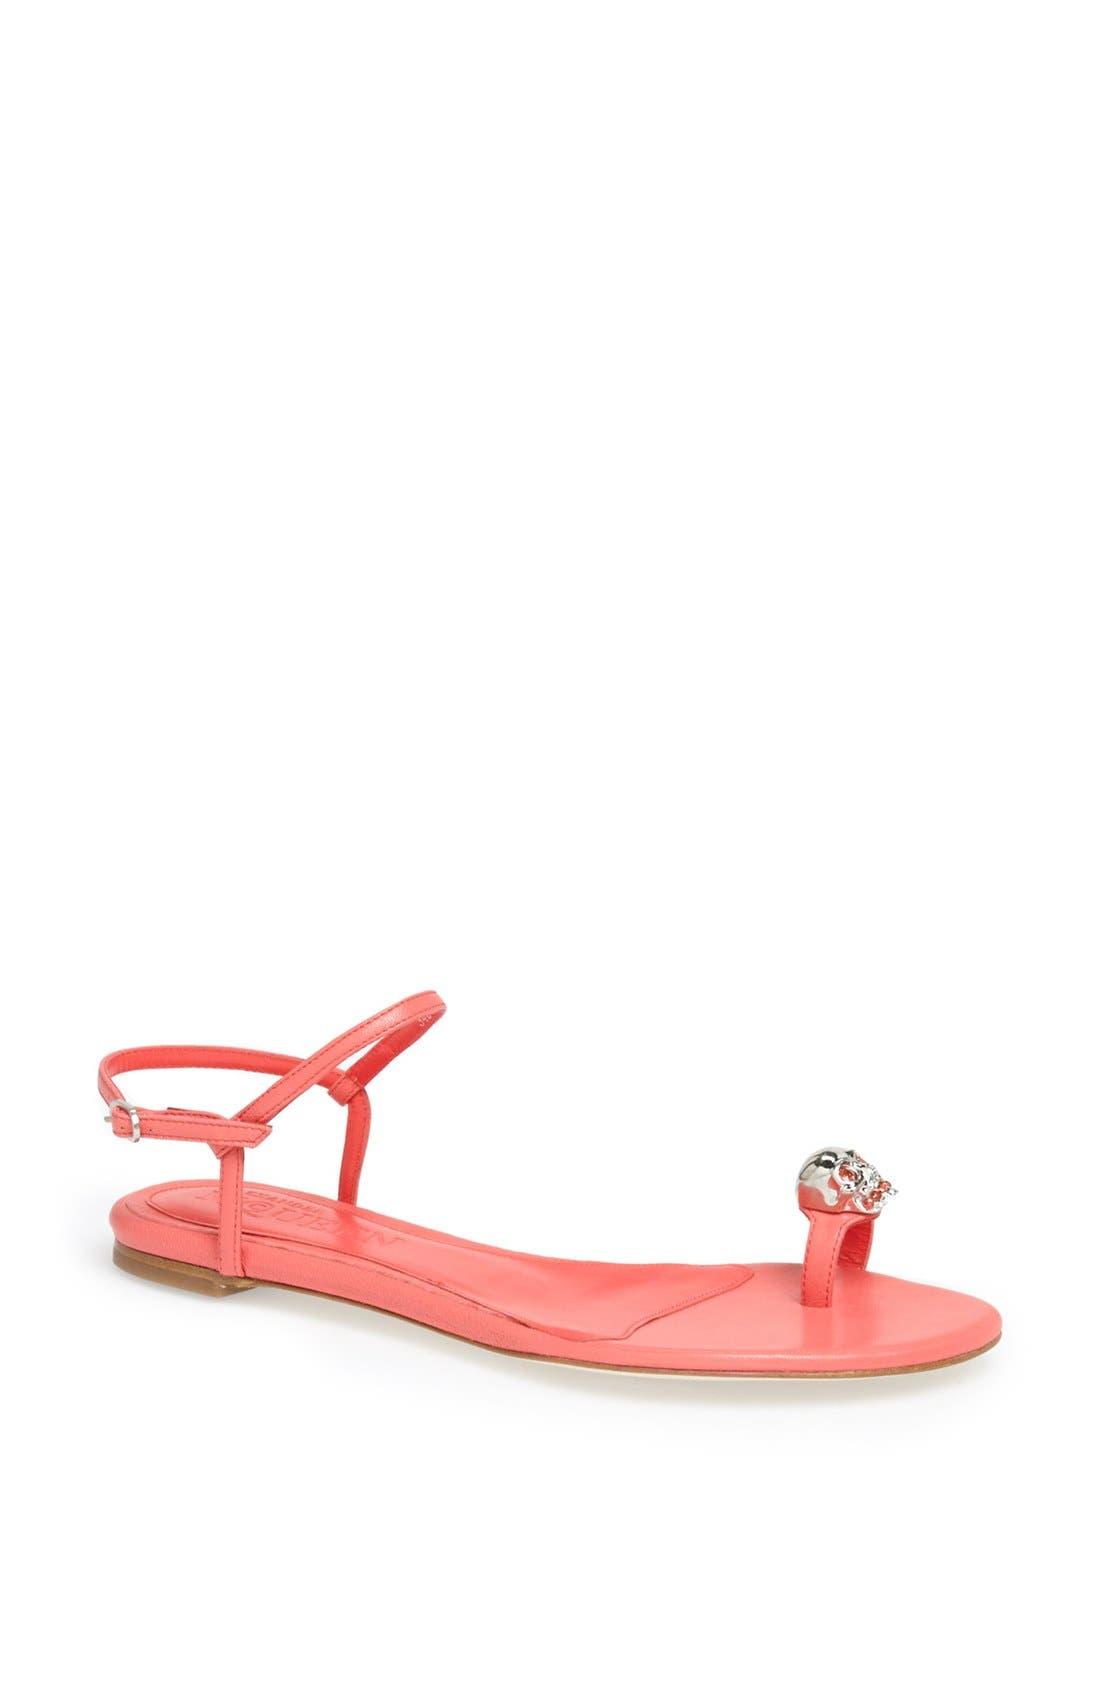 Alternate Image 1 Selected - Alexander McQueen 'Skull' Sandal